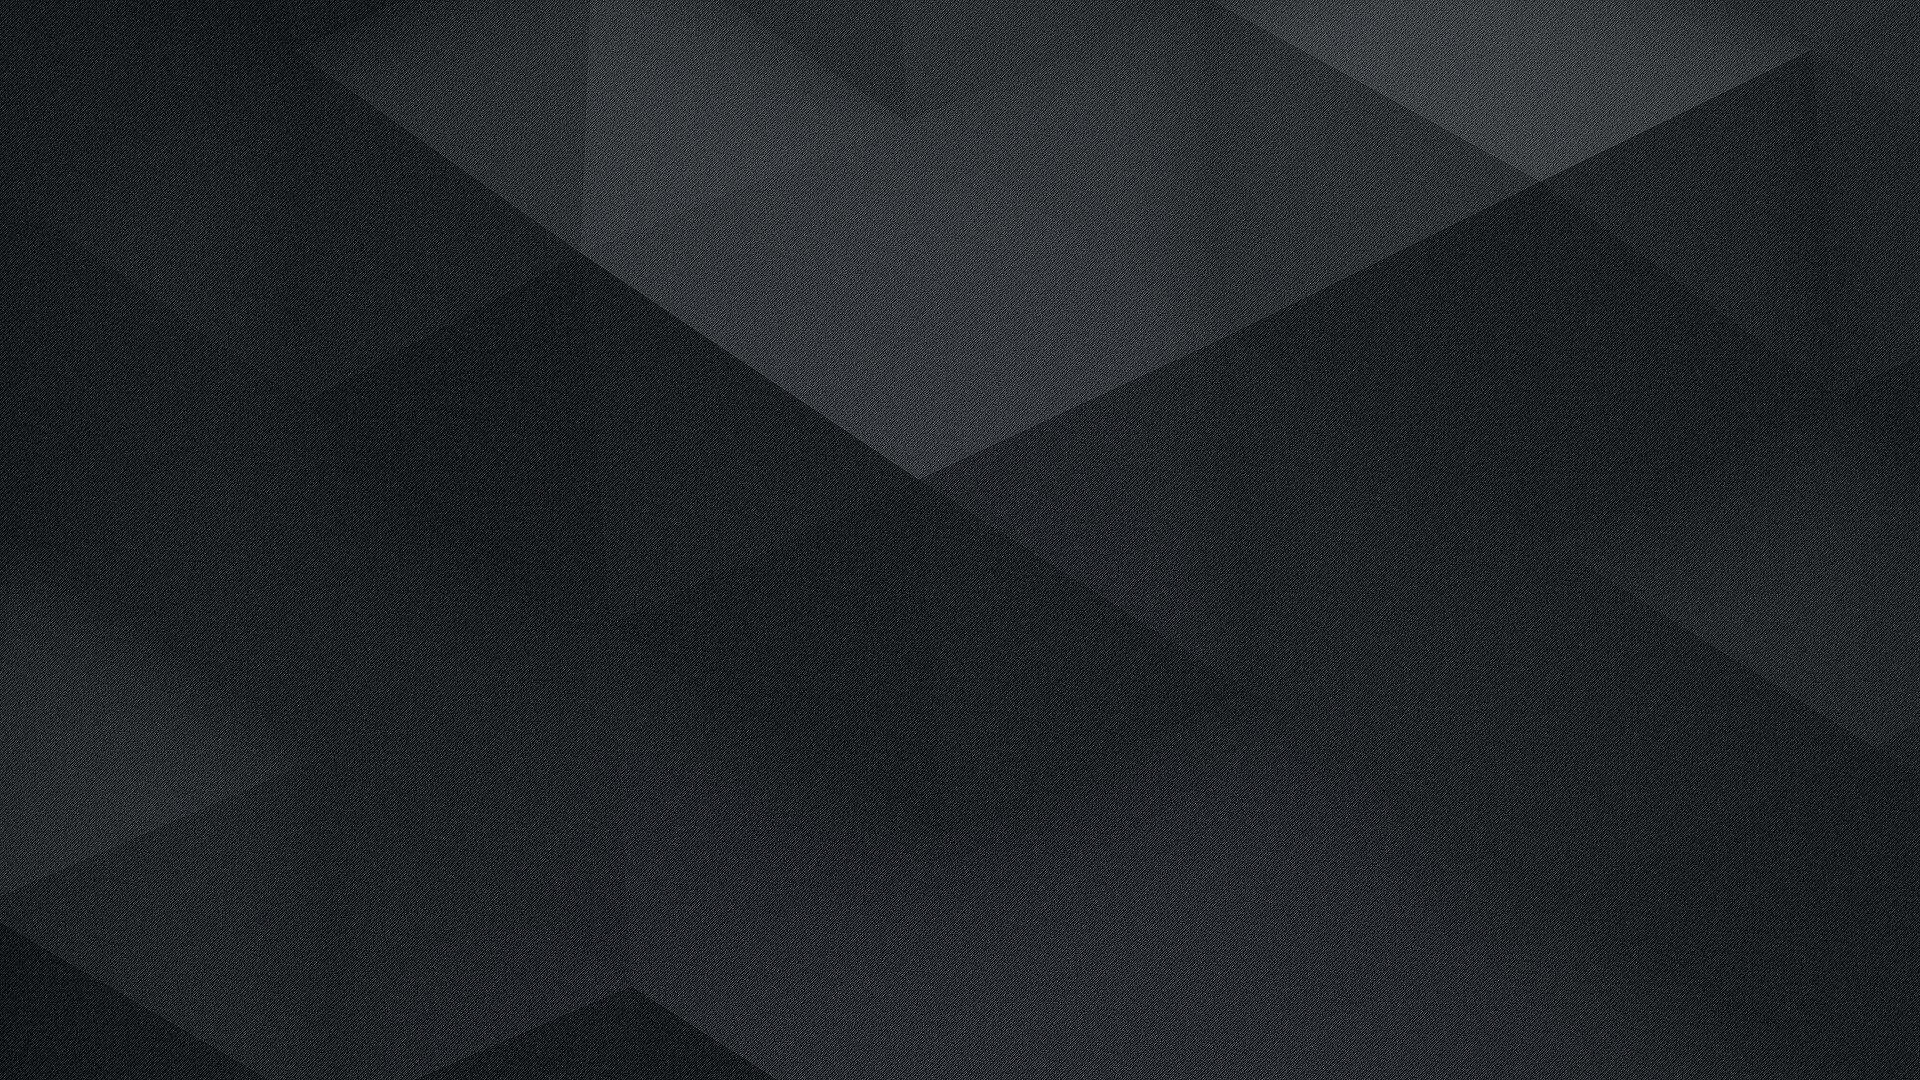 wallpaper-triangles-geometry-black-minimalistic-geometric ...